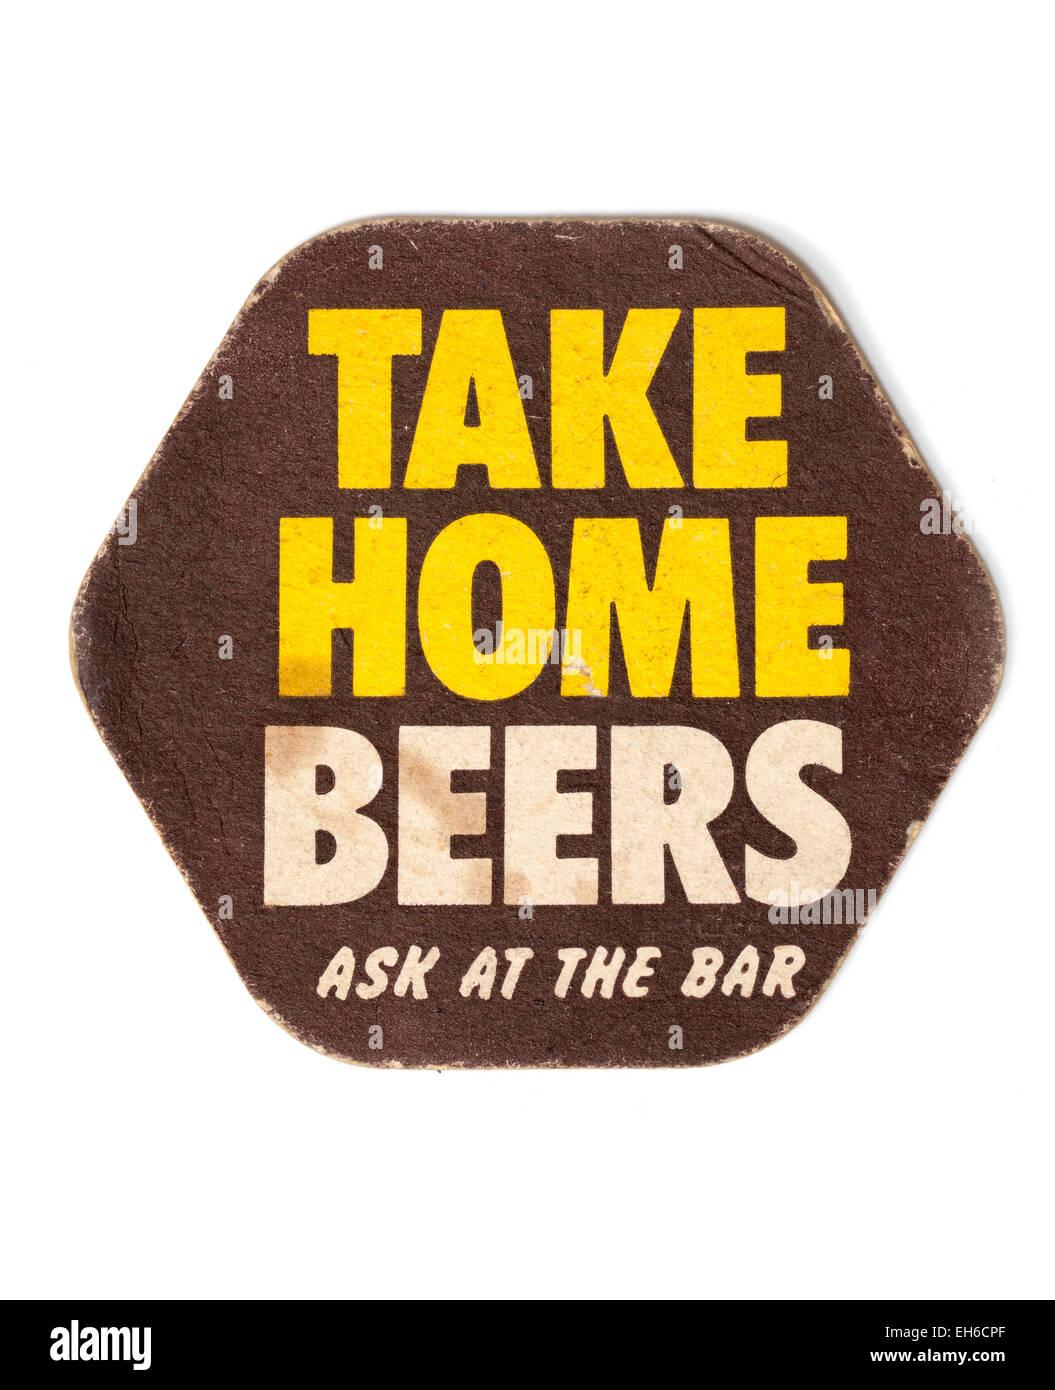 Vintage Beermat Advertising Take Home Beers - Stock Image